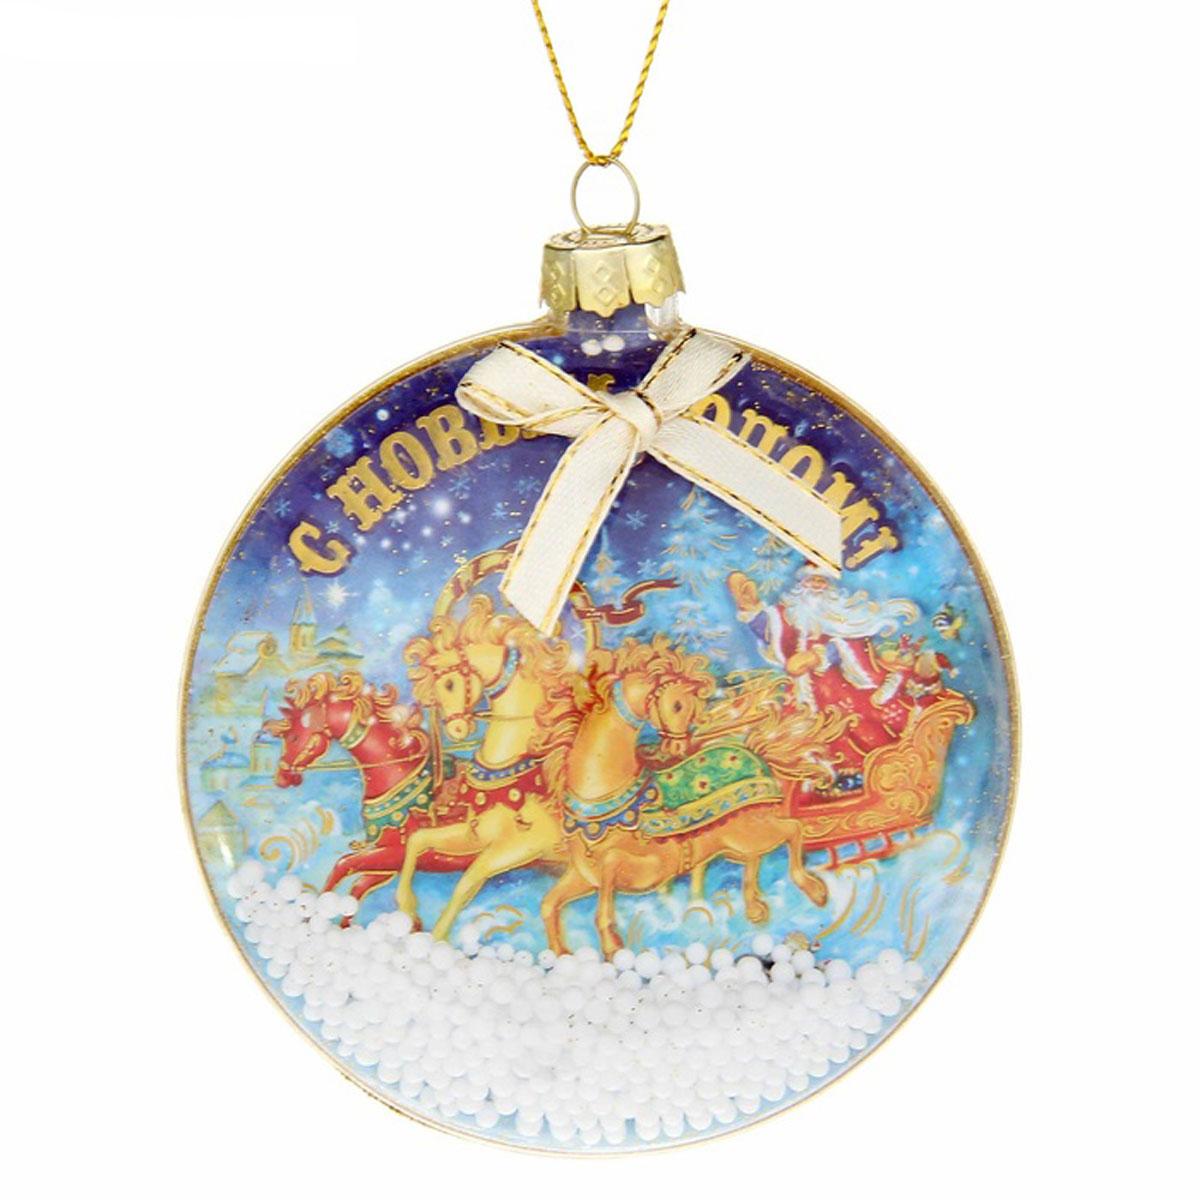 Новогоднее подвесное украшение Sima-land С Новым годом, диаметр 8 см. 10718961071896Новогоднее подвесное украшение Sima-land С Новым годом выполнено из высококачественного пластика, оформлено изображением Деда Мороза на тройке лошадей. Внутри изделия имеются круглые бусины из пенопласта, имитирующие снег. С помощью специальной петельки украшение можно повесить в любом понравившемся вам месте. Но, конечно, удачнее всего оно будет смотреться на праздничной елке. Елочная игрушка - символ Нового года. Она несет в себе волшебство и красоту праздника. Создайте в своем доме атмосферу веселья и радости, украшая новогоднюю елку нарядными игрушками, которые будут из года в год накапливать теплоту воспоминаний.